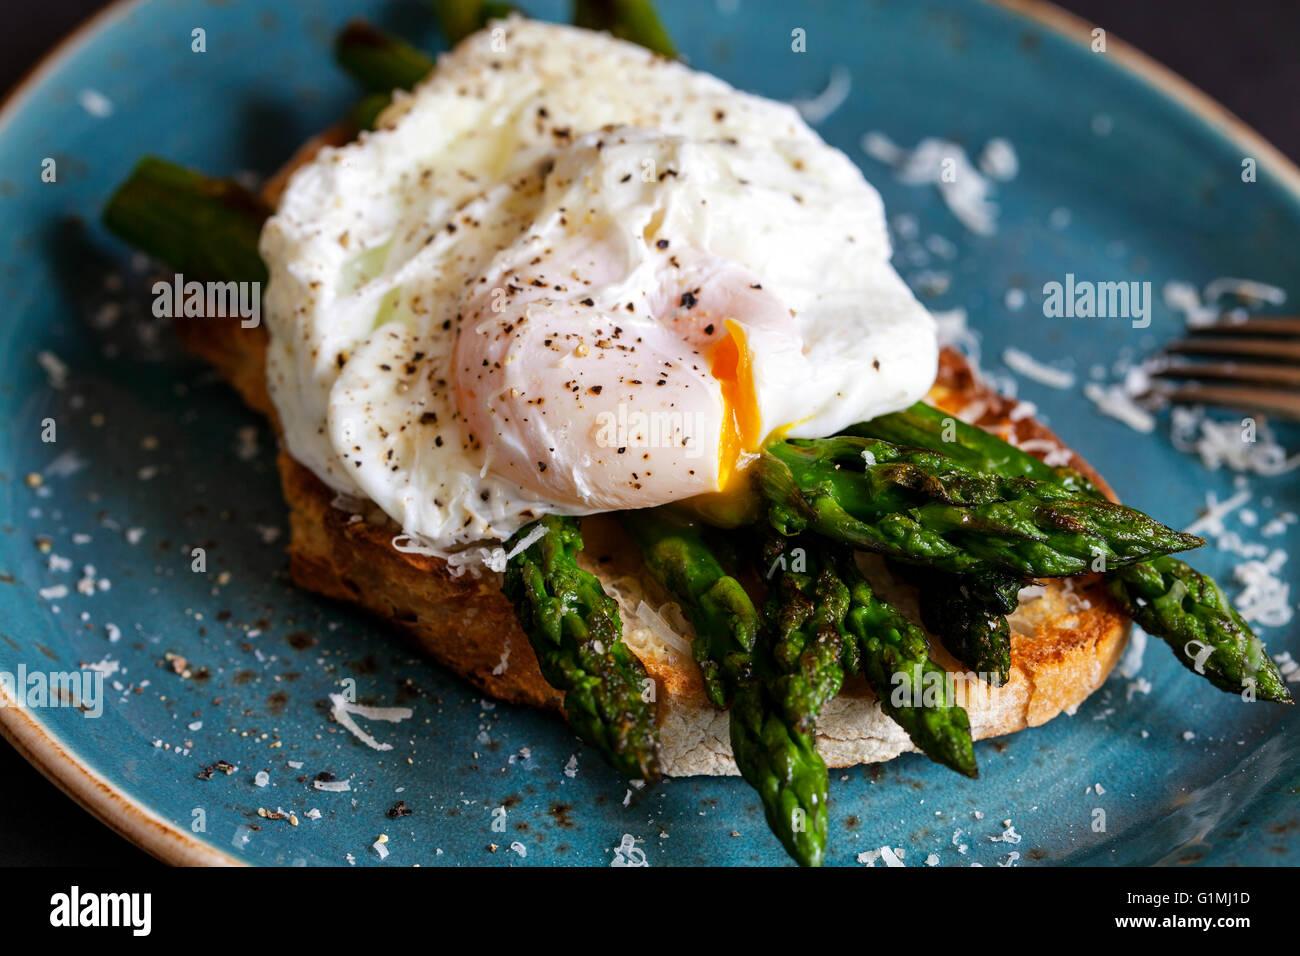 Pain au levain grillé avec asperges grillées, oeuf poché et parmesan Photo Stock